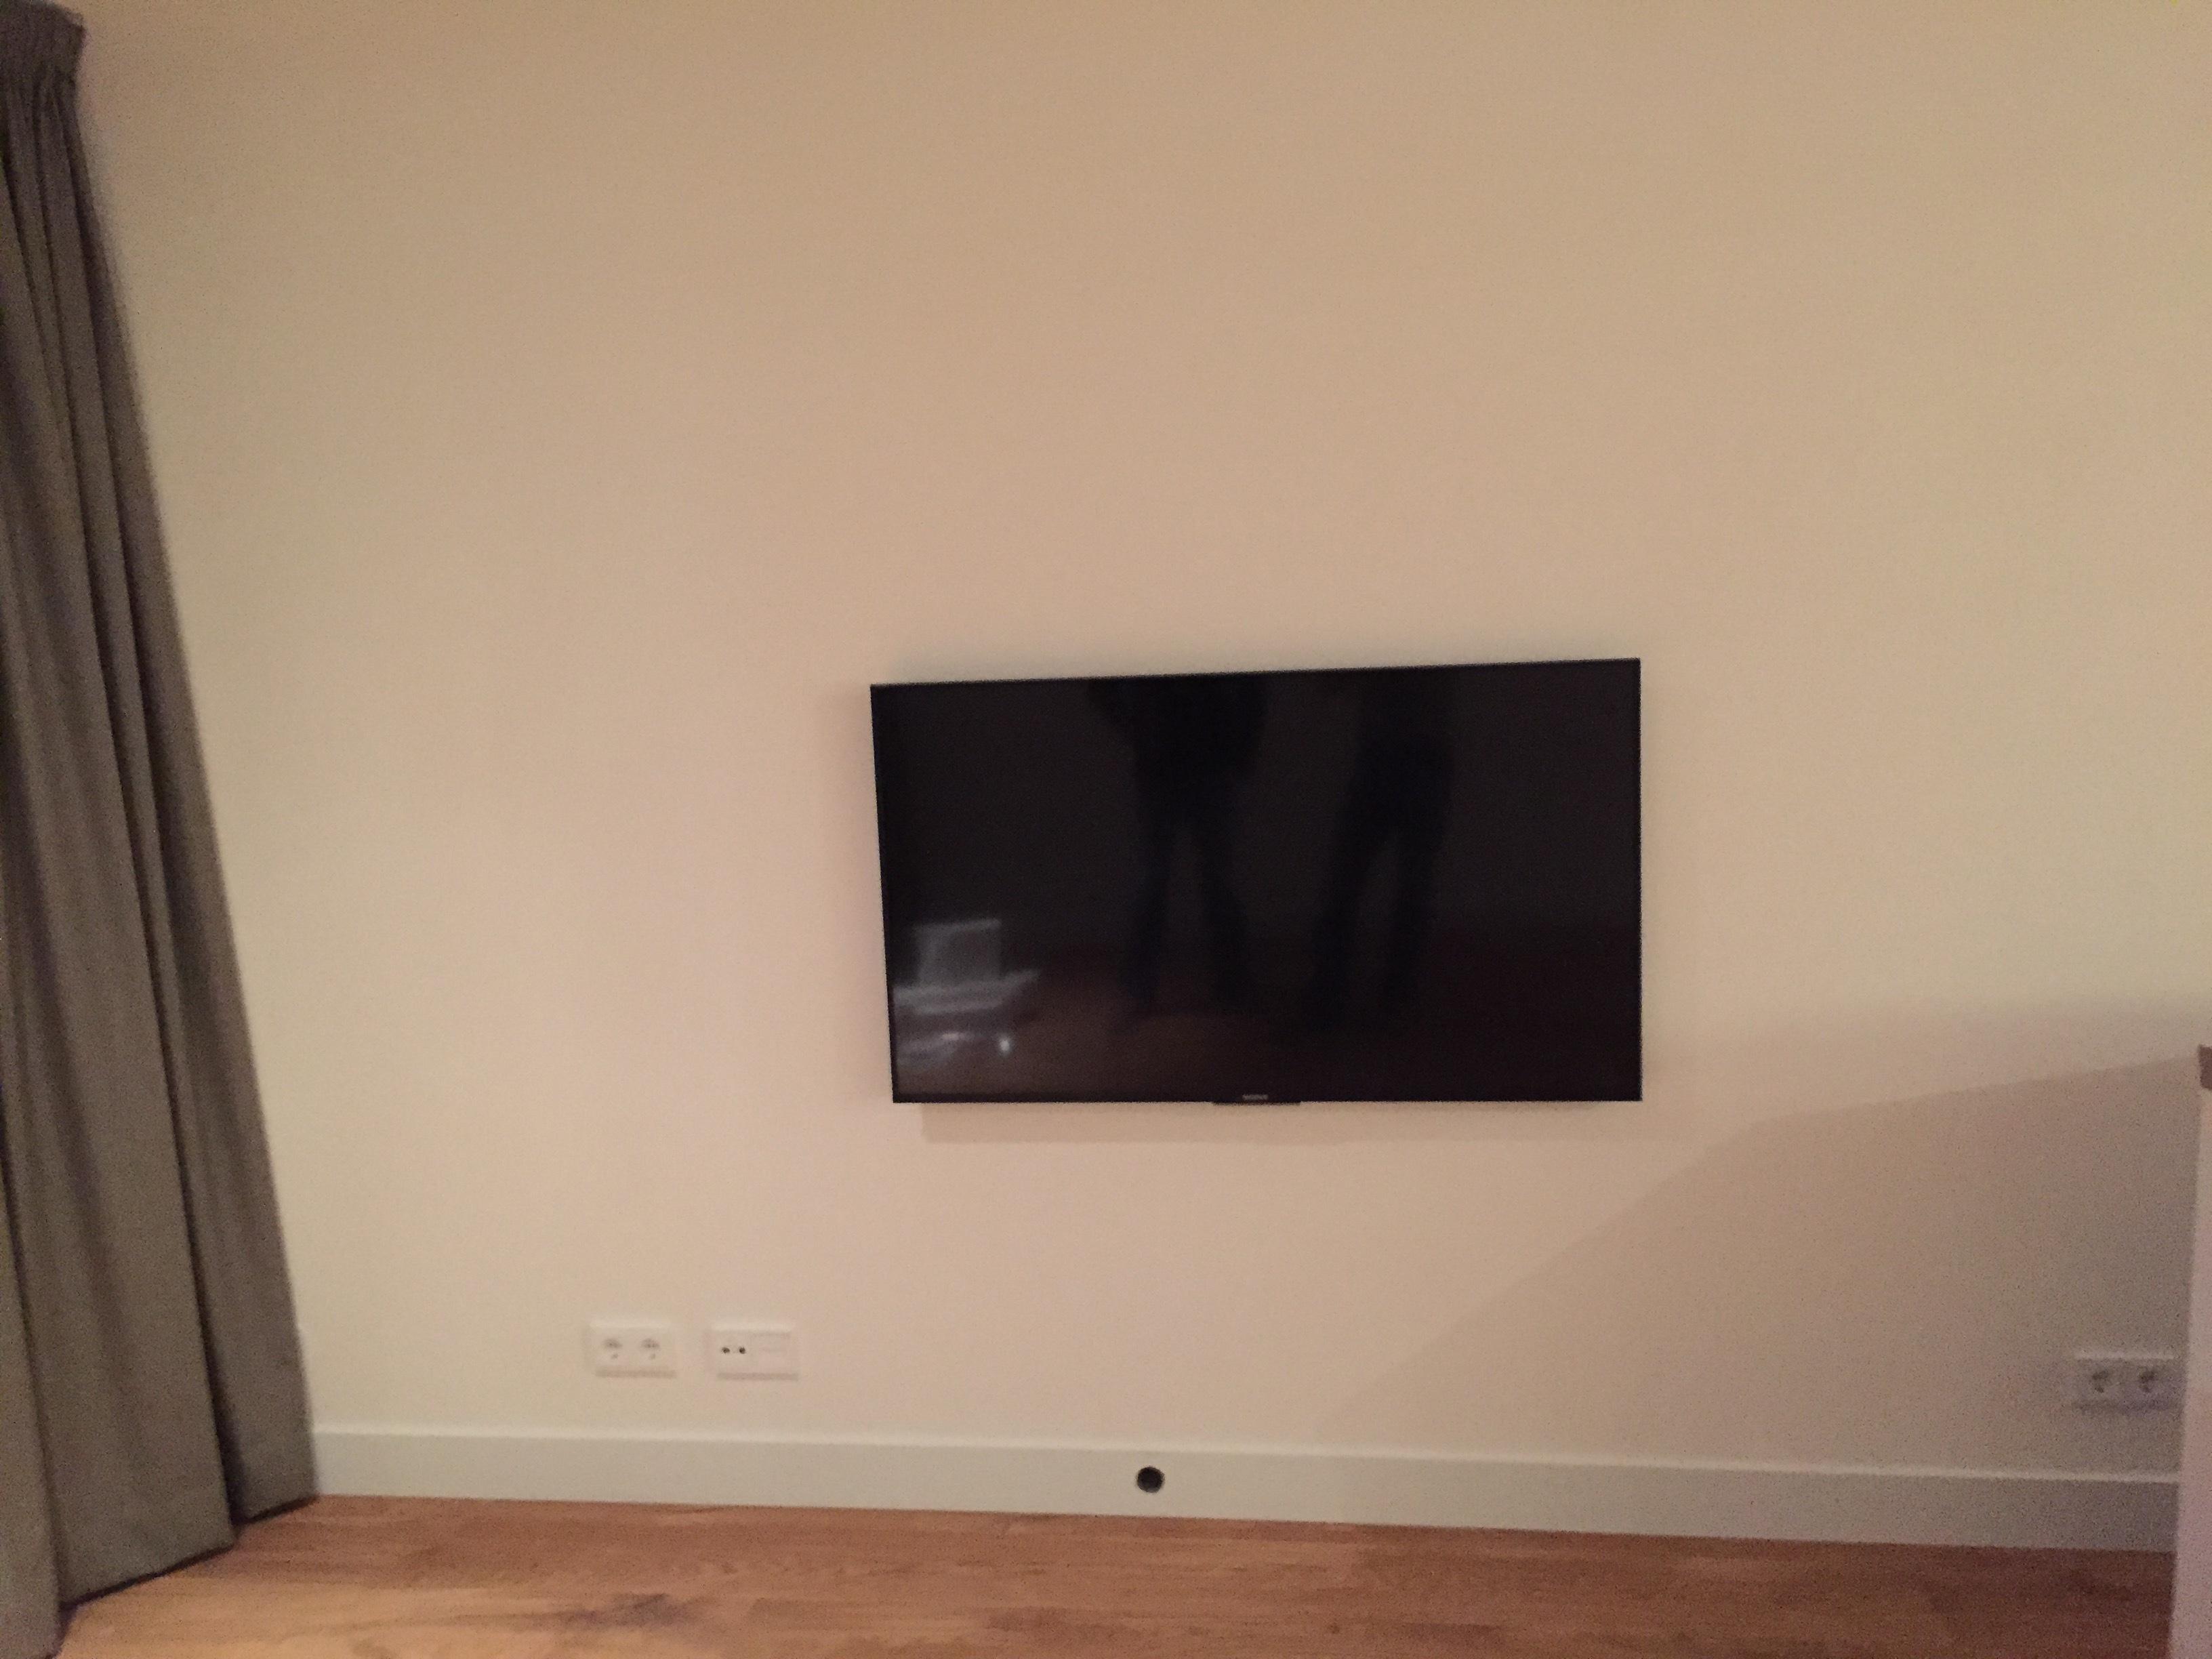 Tv In Muur : Tv ophang beugel voordemakers